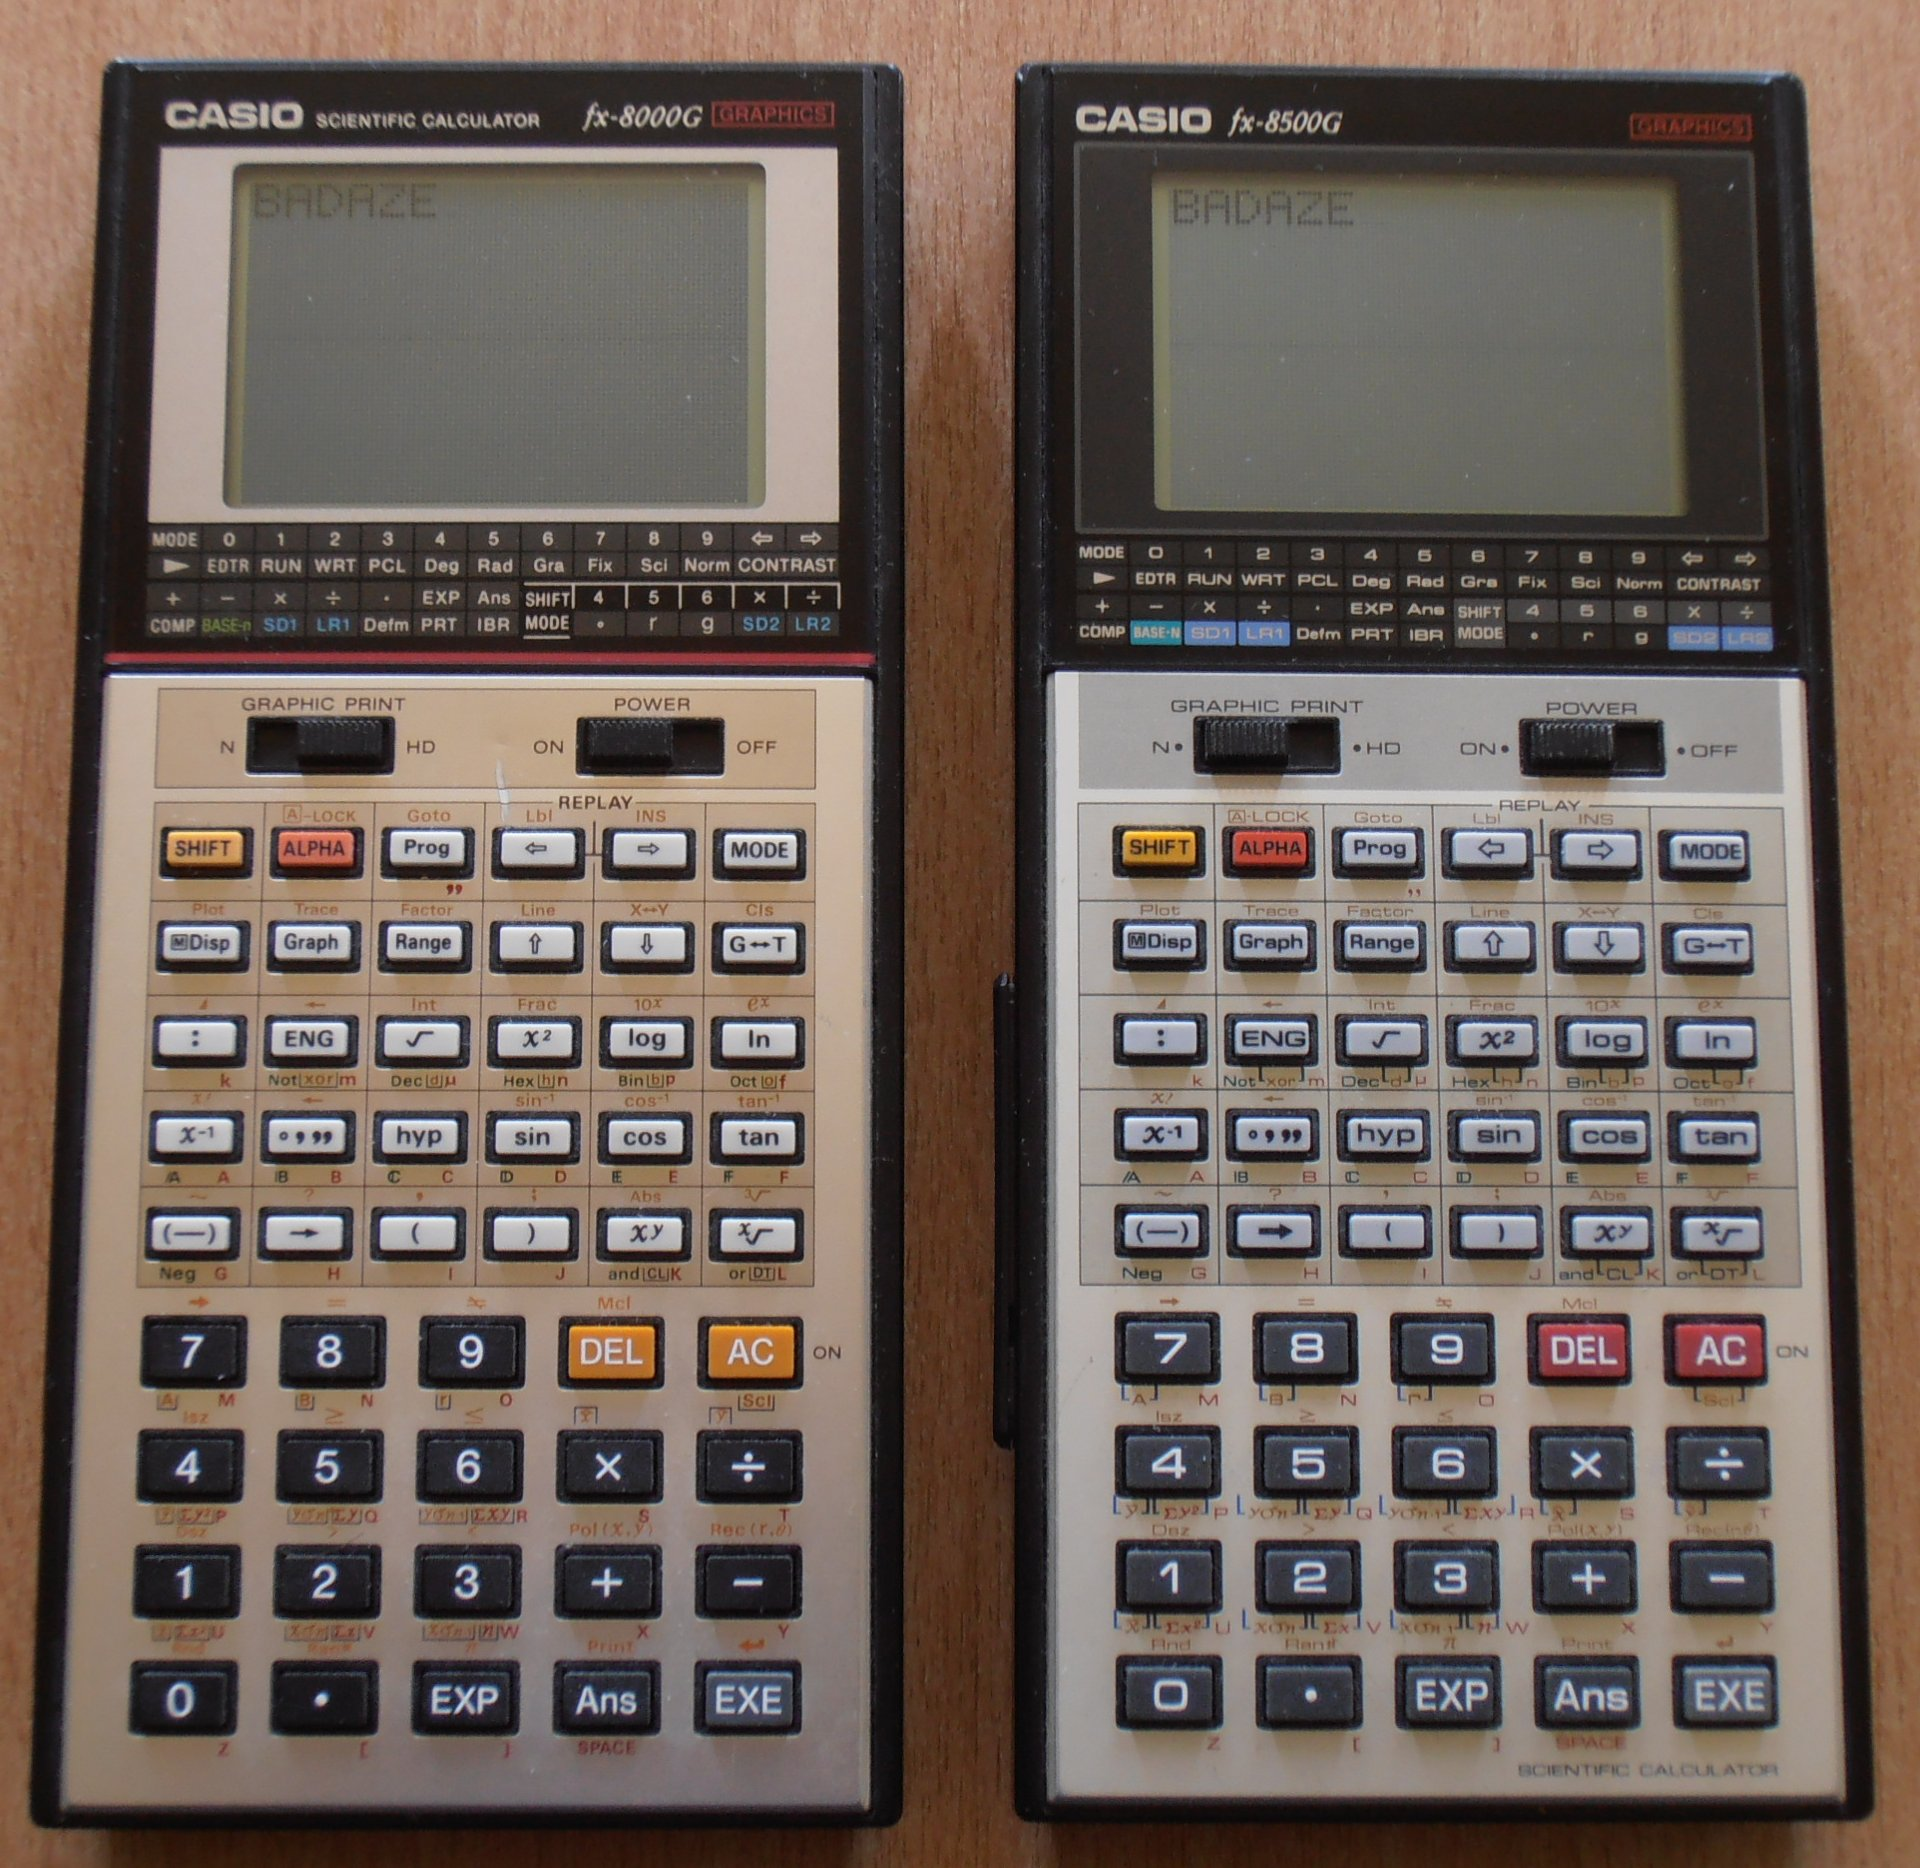 Casio FX-8000G et FX-8500G